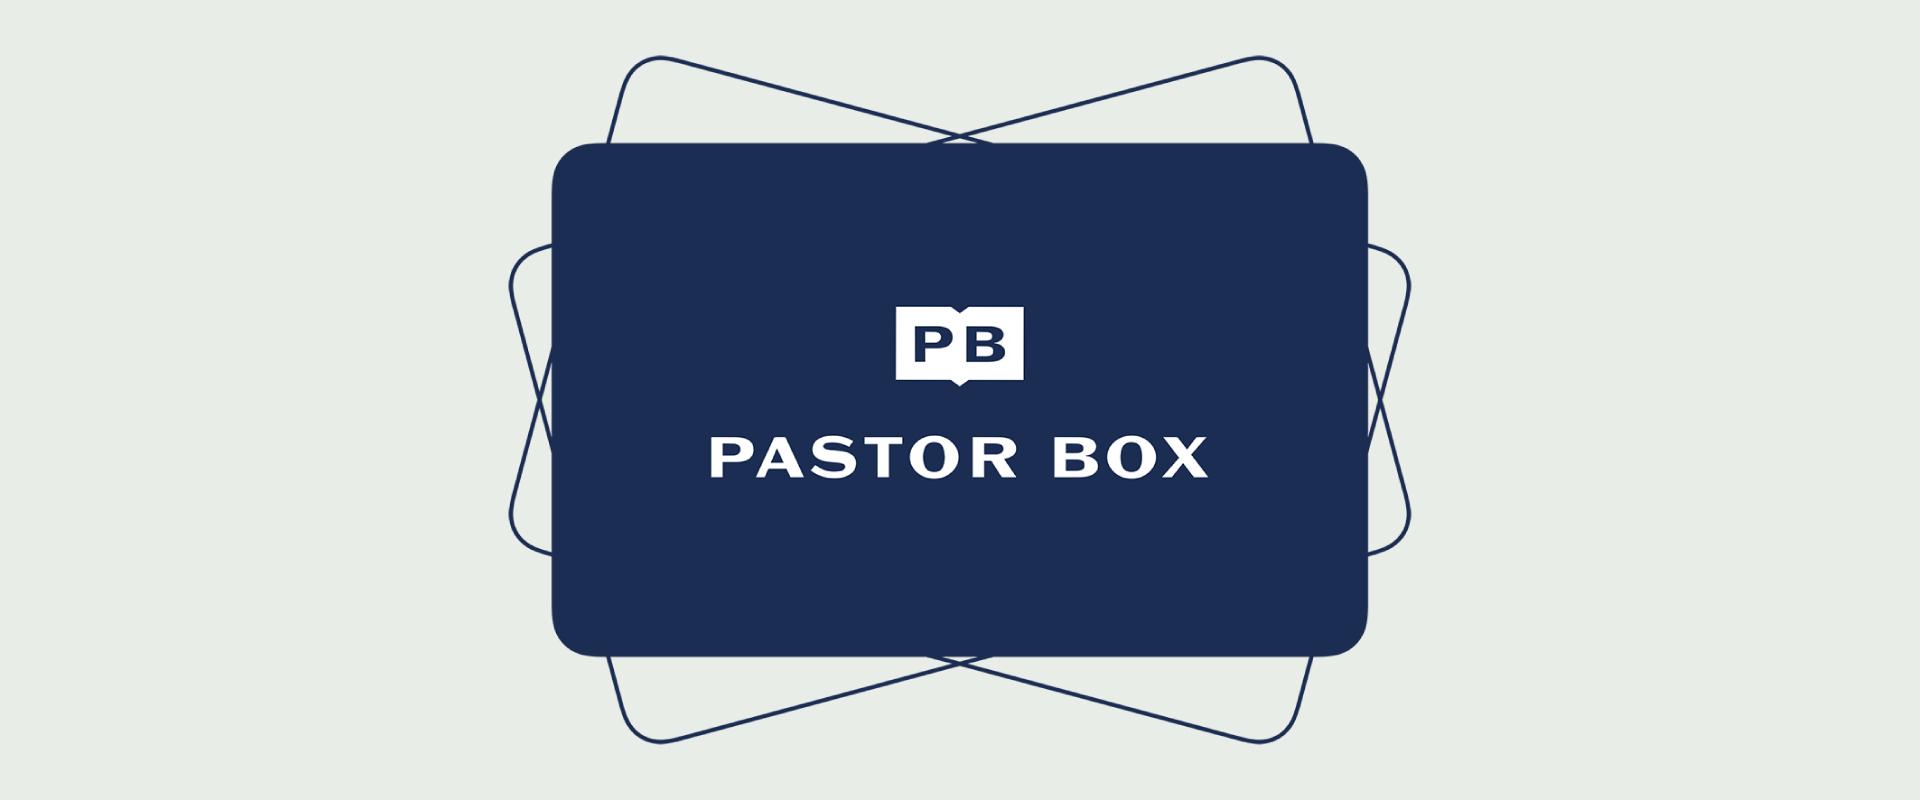 Pastorbox-01